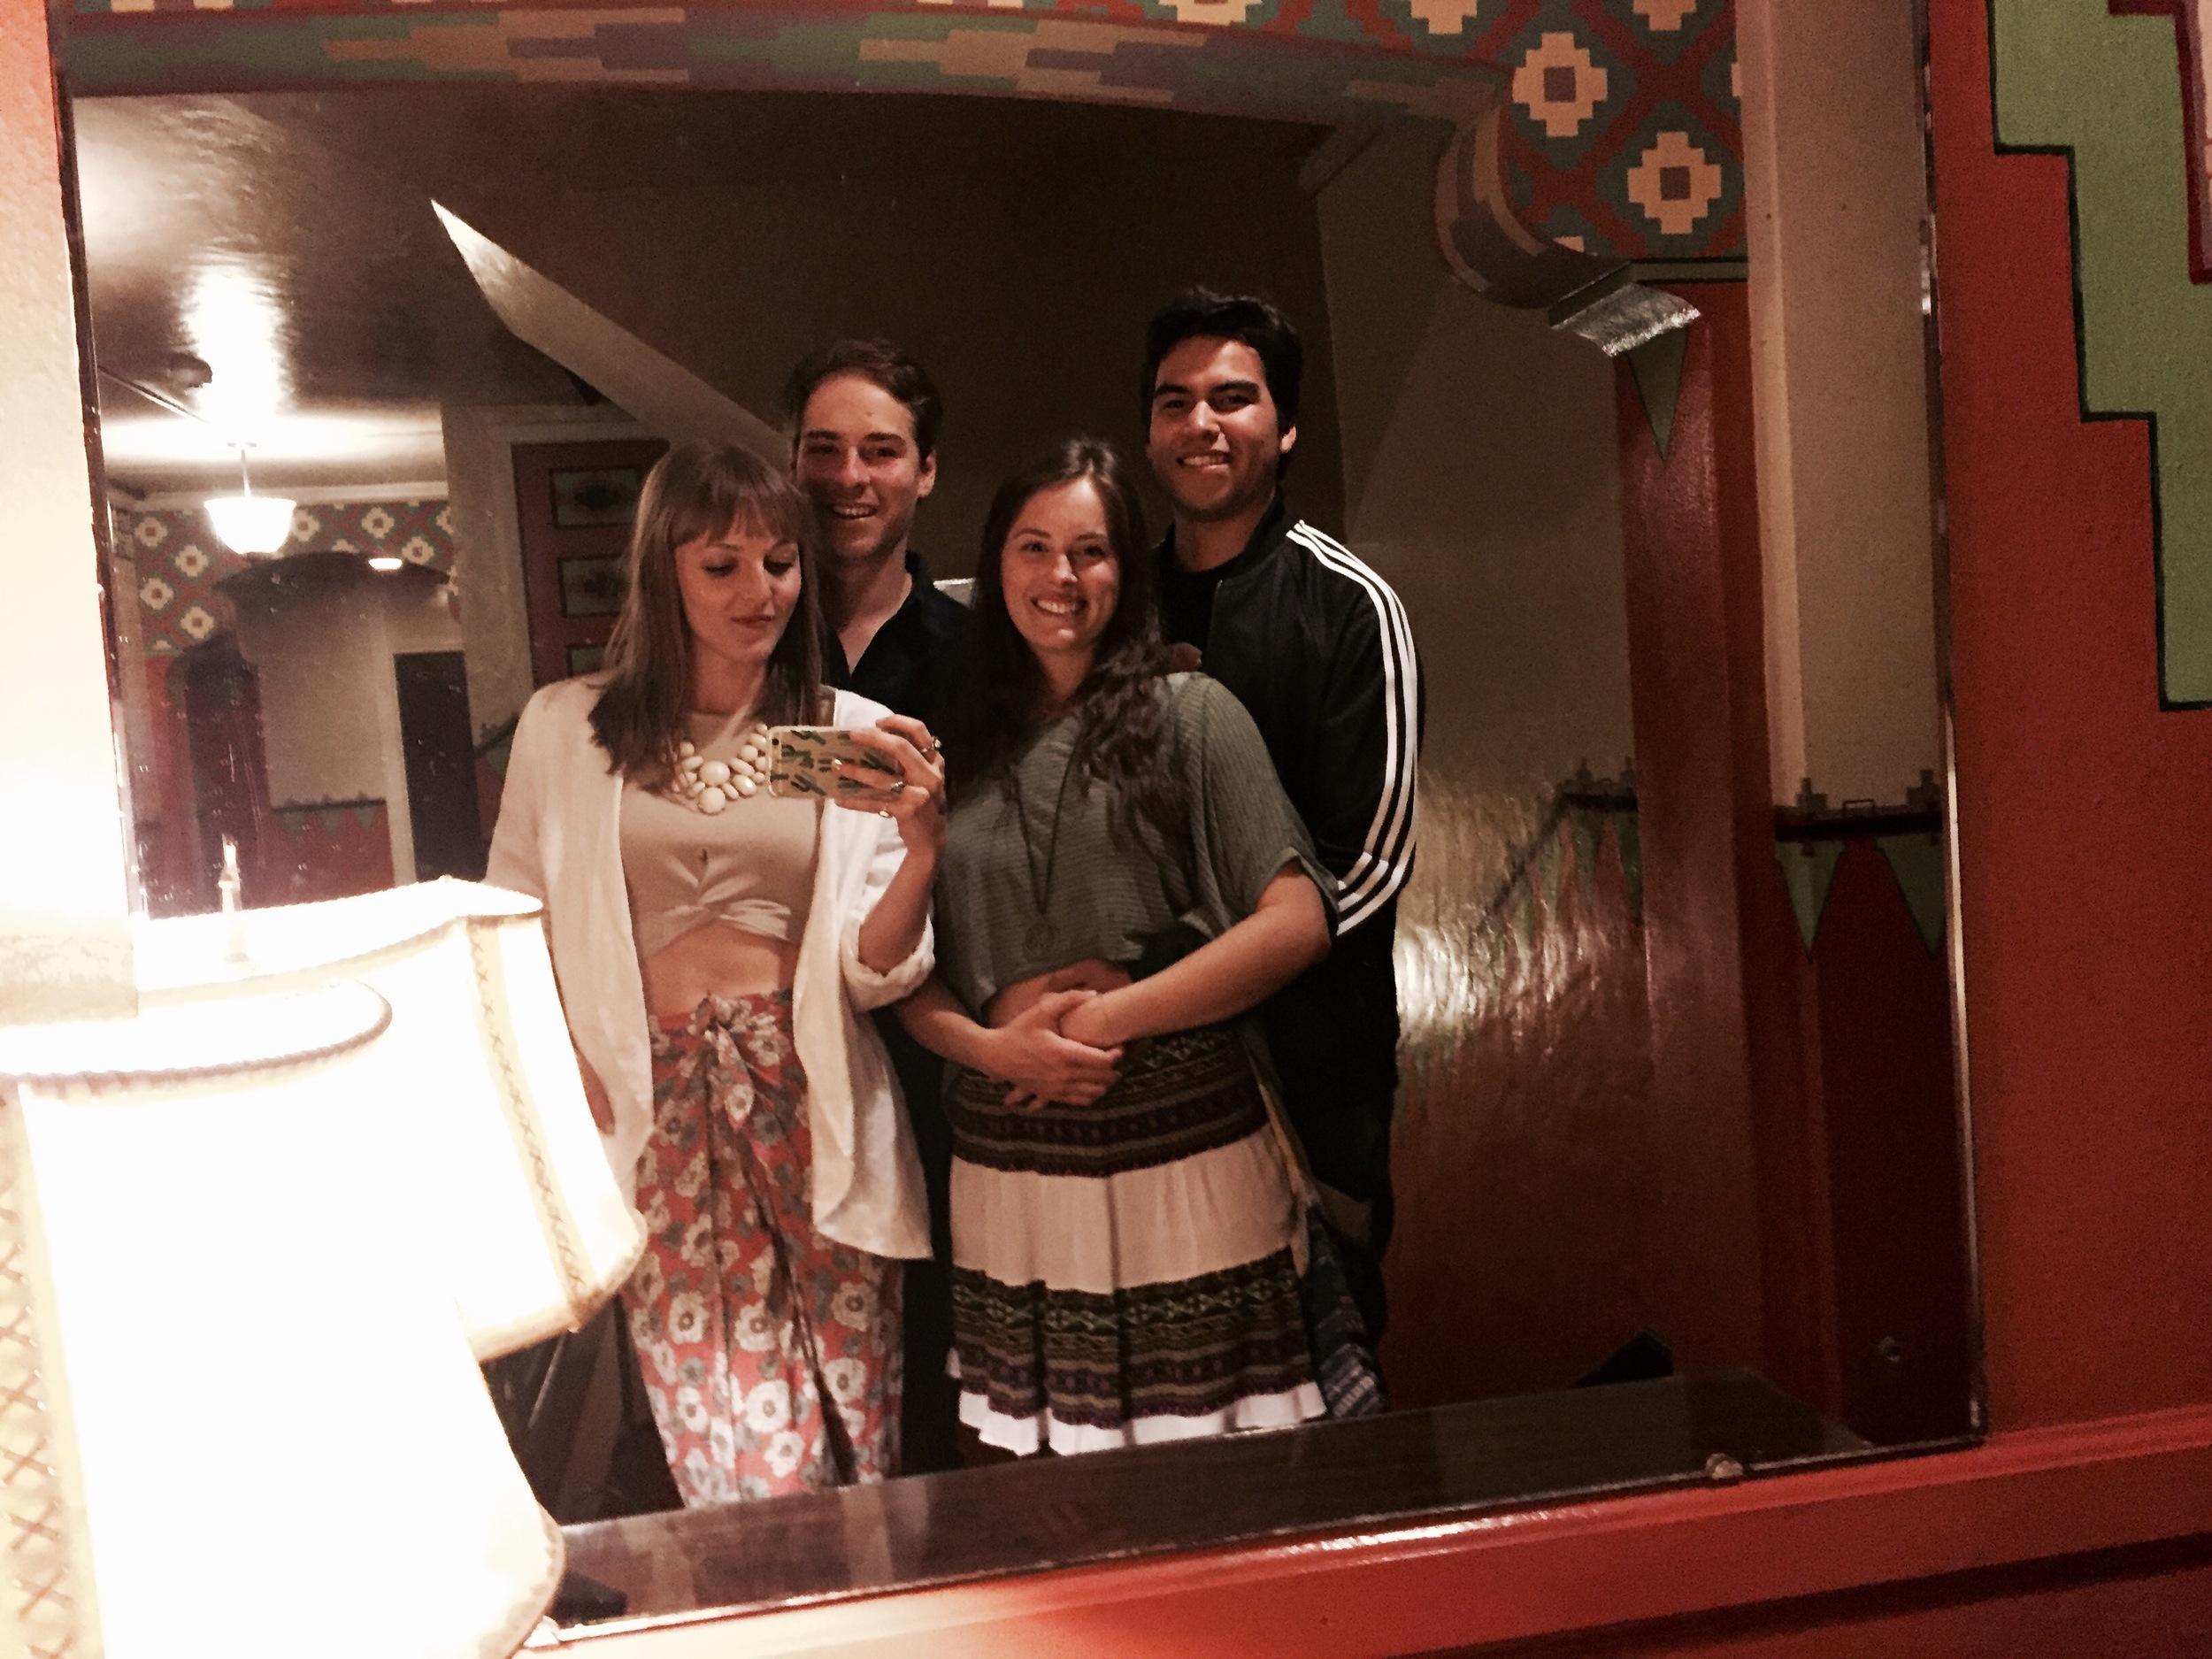 Good times + Good vibes | Hotel Congress | Tucson, AZ